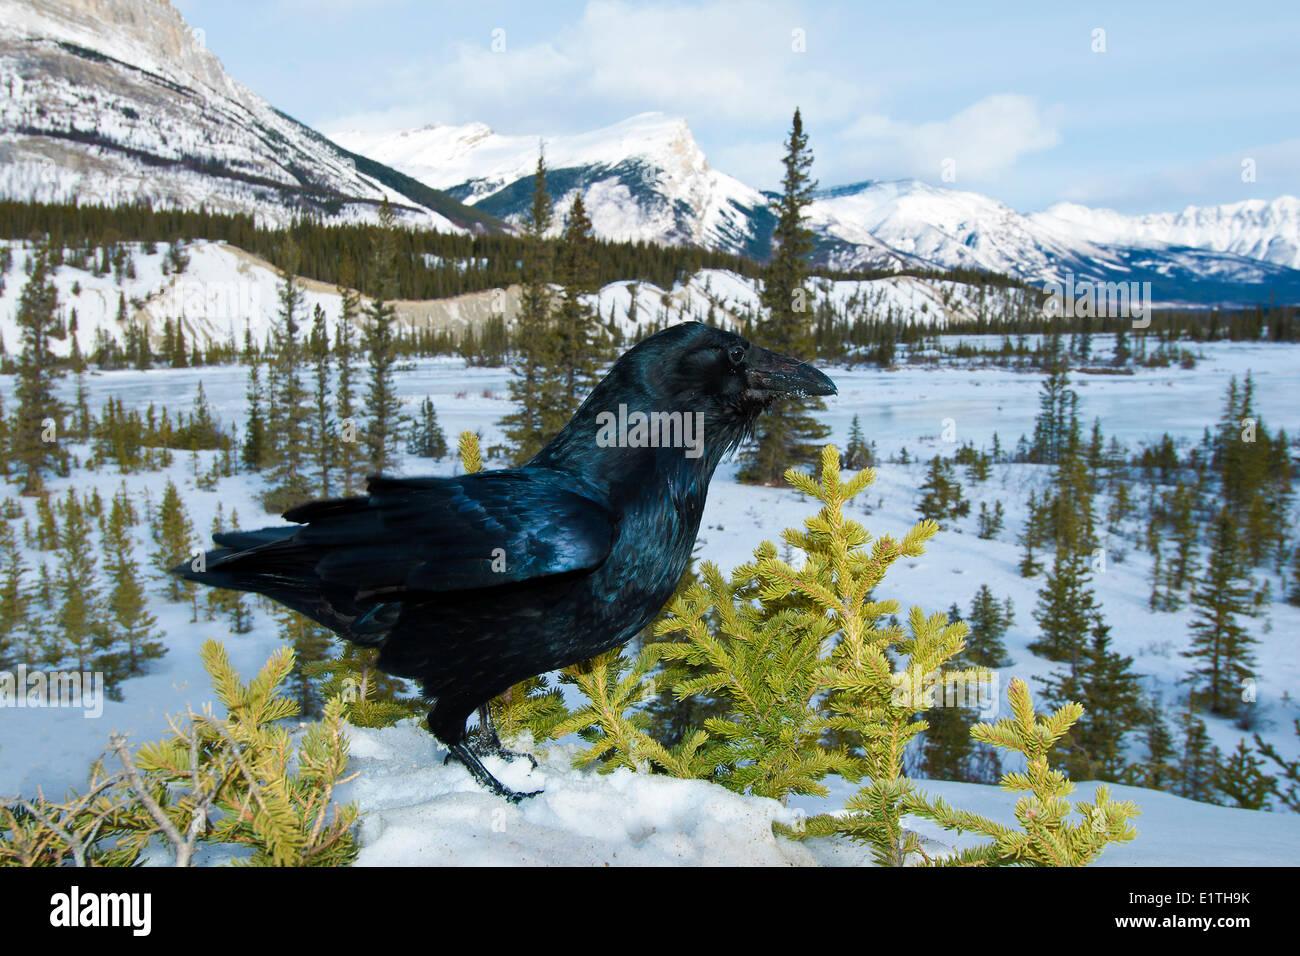 Gemeinsamen Rabe (Corvus Corax) South Saskatchewan River im westlichen Winter, Banff Nationalpark, Alberta, Kanada Stockbild